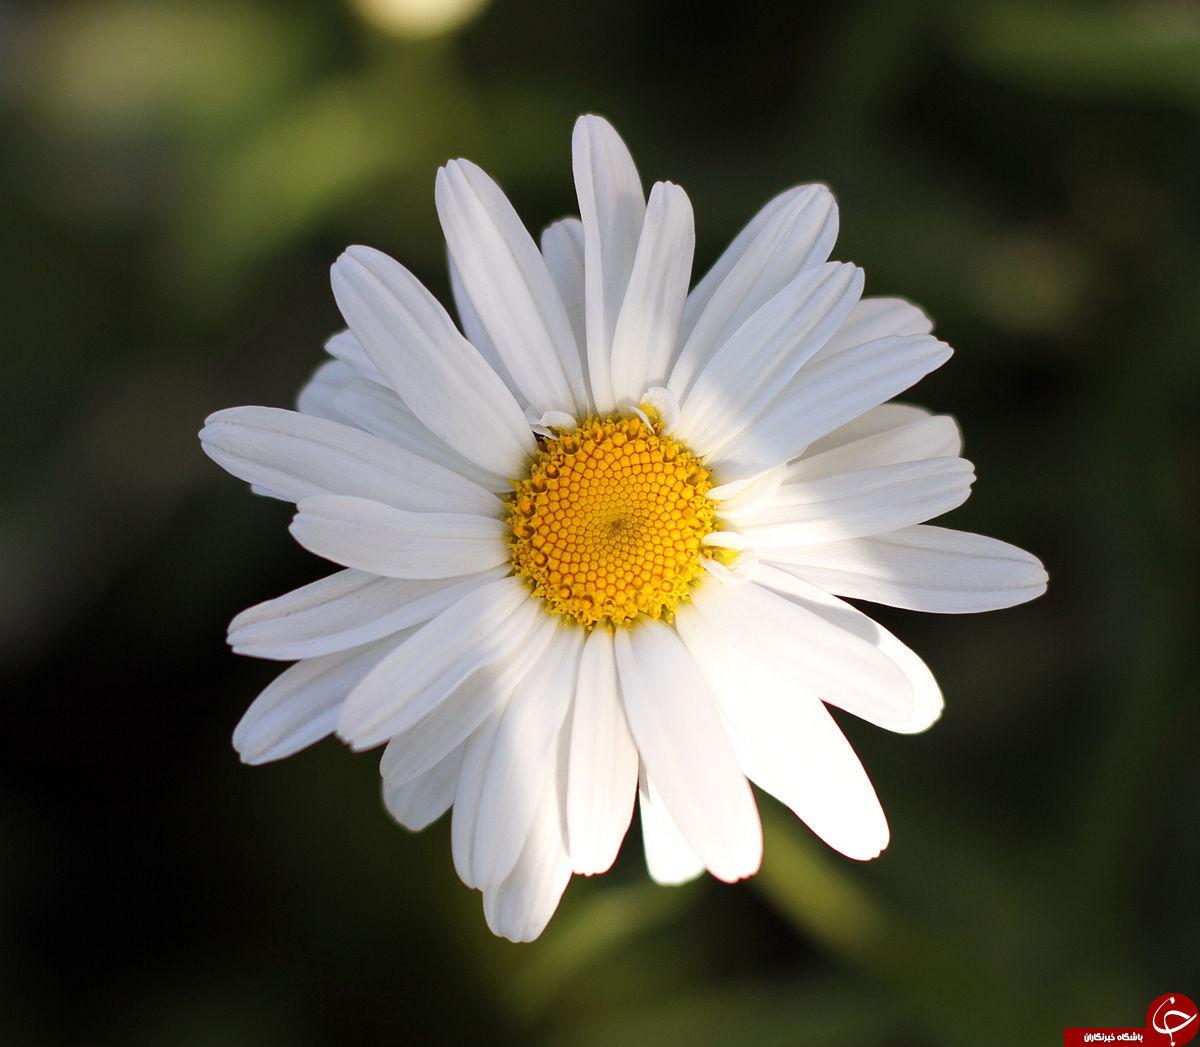 همه چیز درباره جادوگری به نام؛ گل مینا / تا بحال برای بهبود آلرژیهای پوستیتان گل مینا را امتحان کرده اید؟!